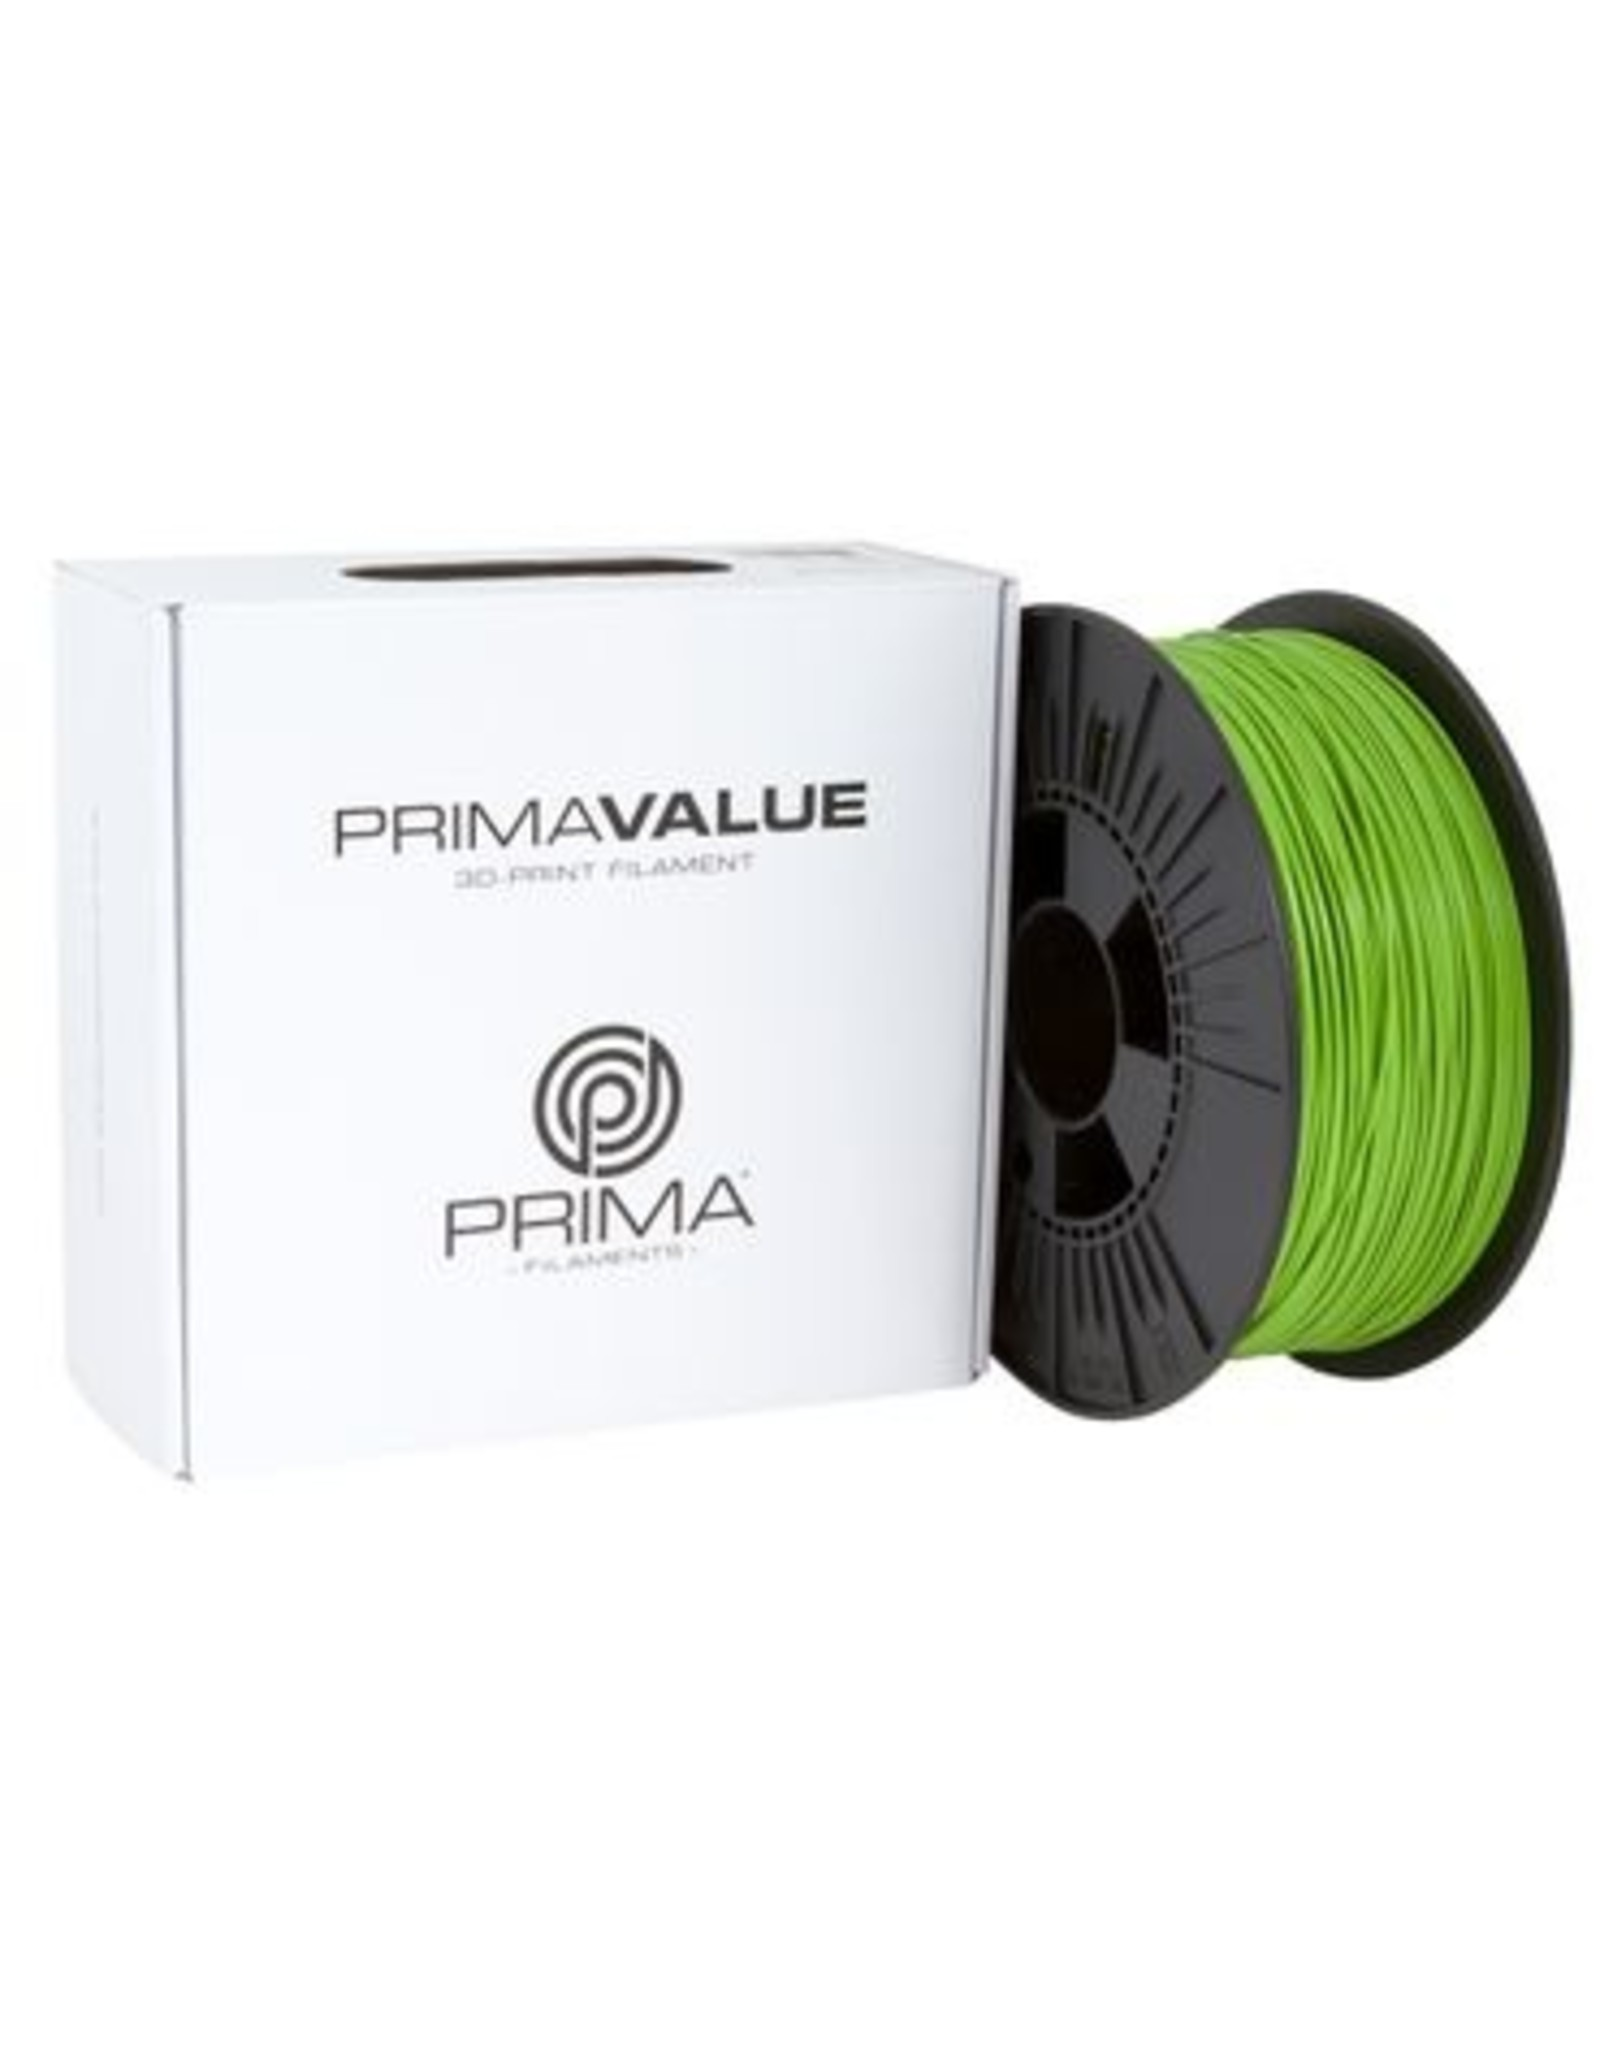 Prima PrimaValue PLA Filament 1.75mm 1 kg green